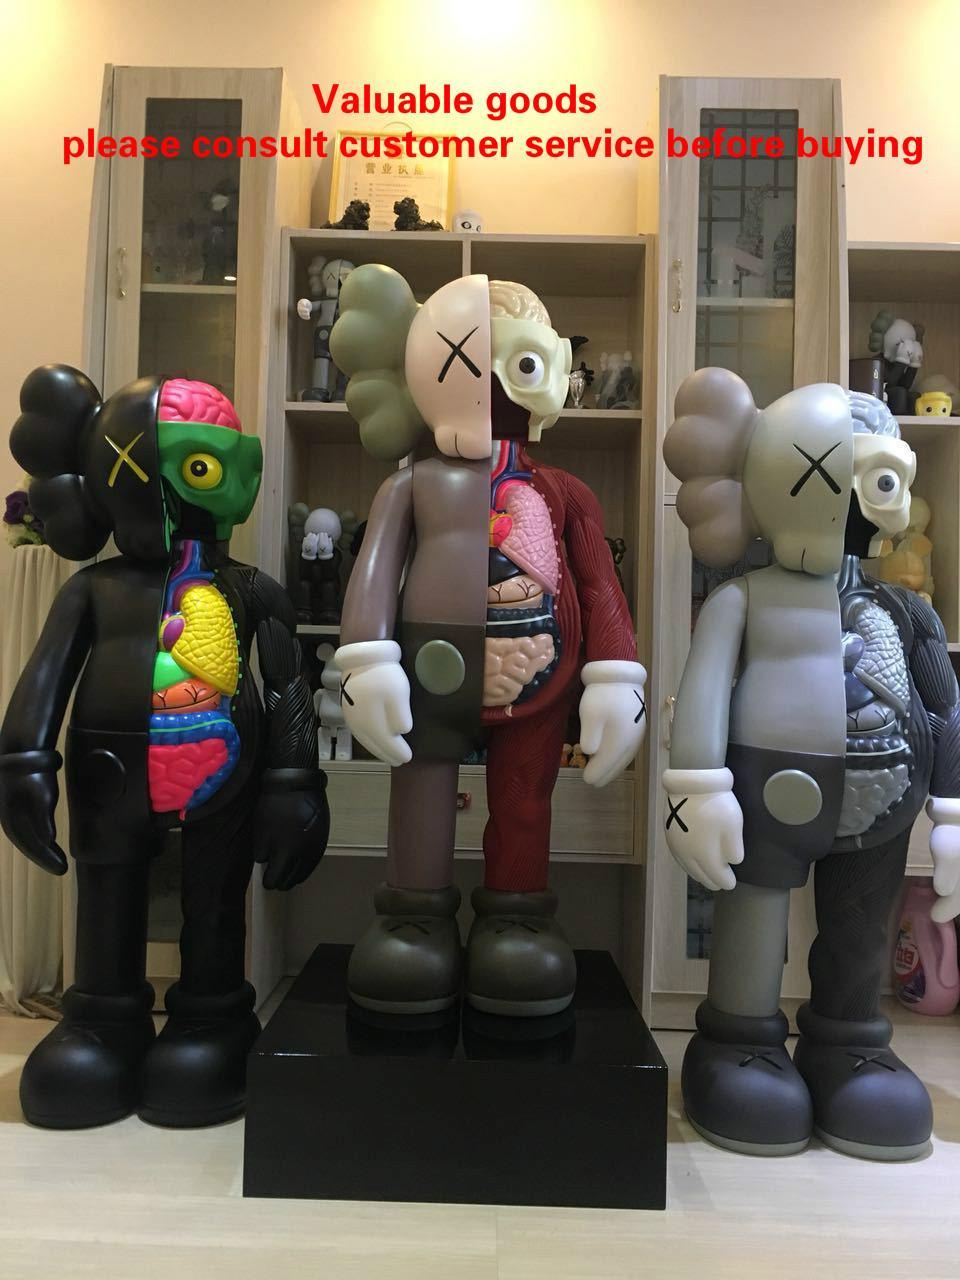 KAWS 4FT disséqués COMPAGNON Kaws anatomie 1.3M Grande figurine poupée exécution exquise Les joints peuvent déplacer des matériaux en vinyle